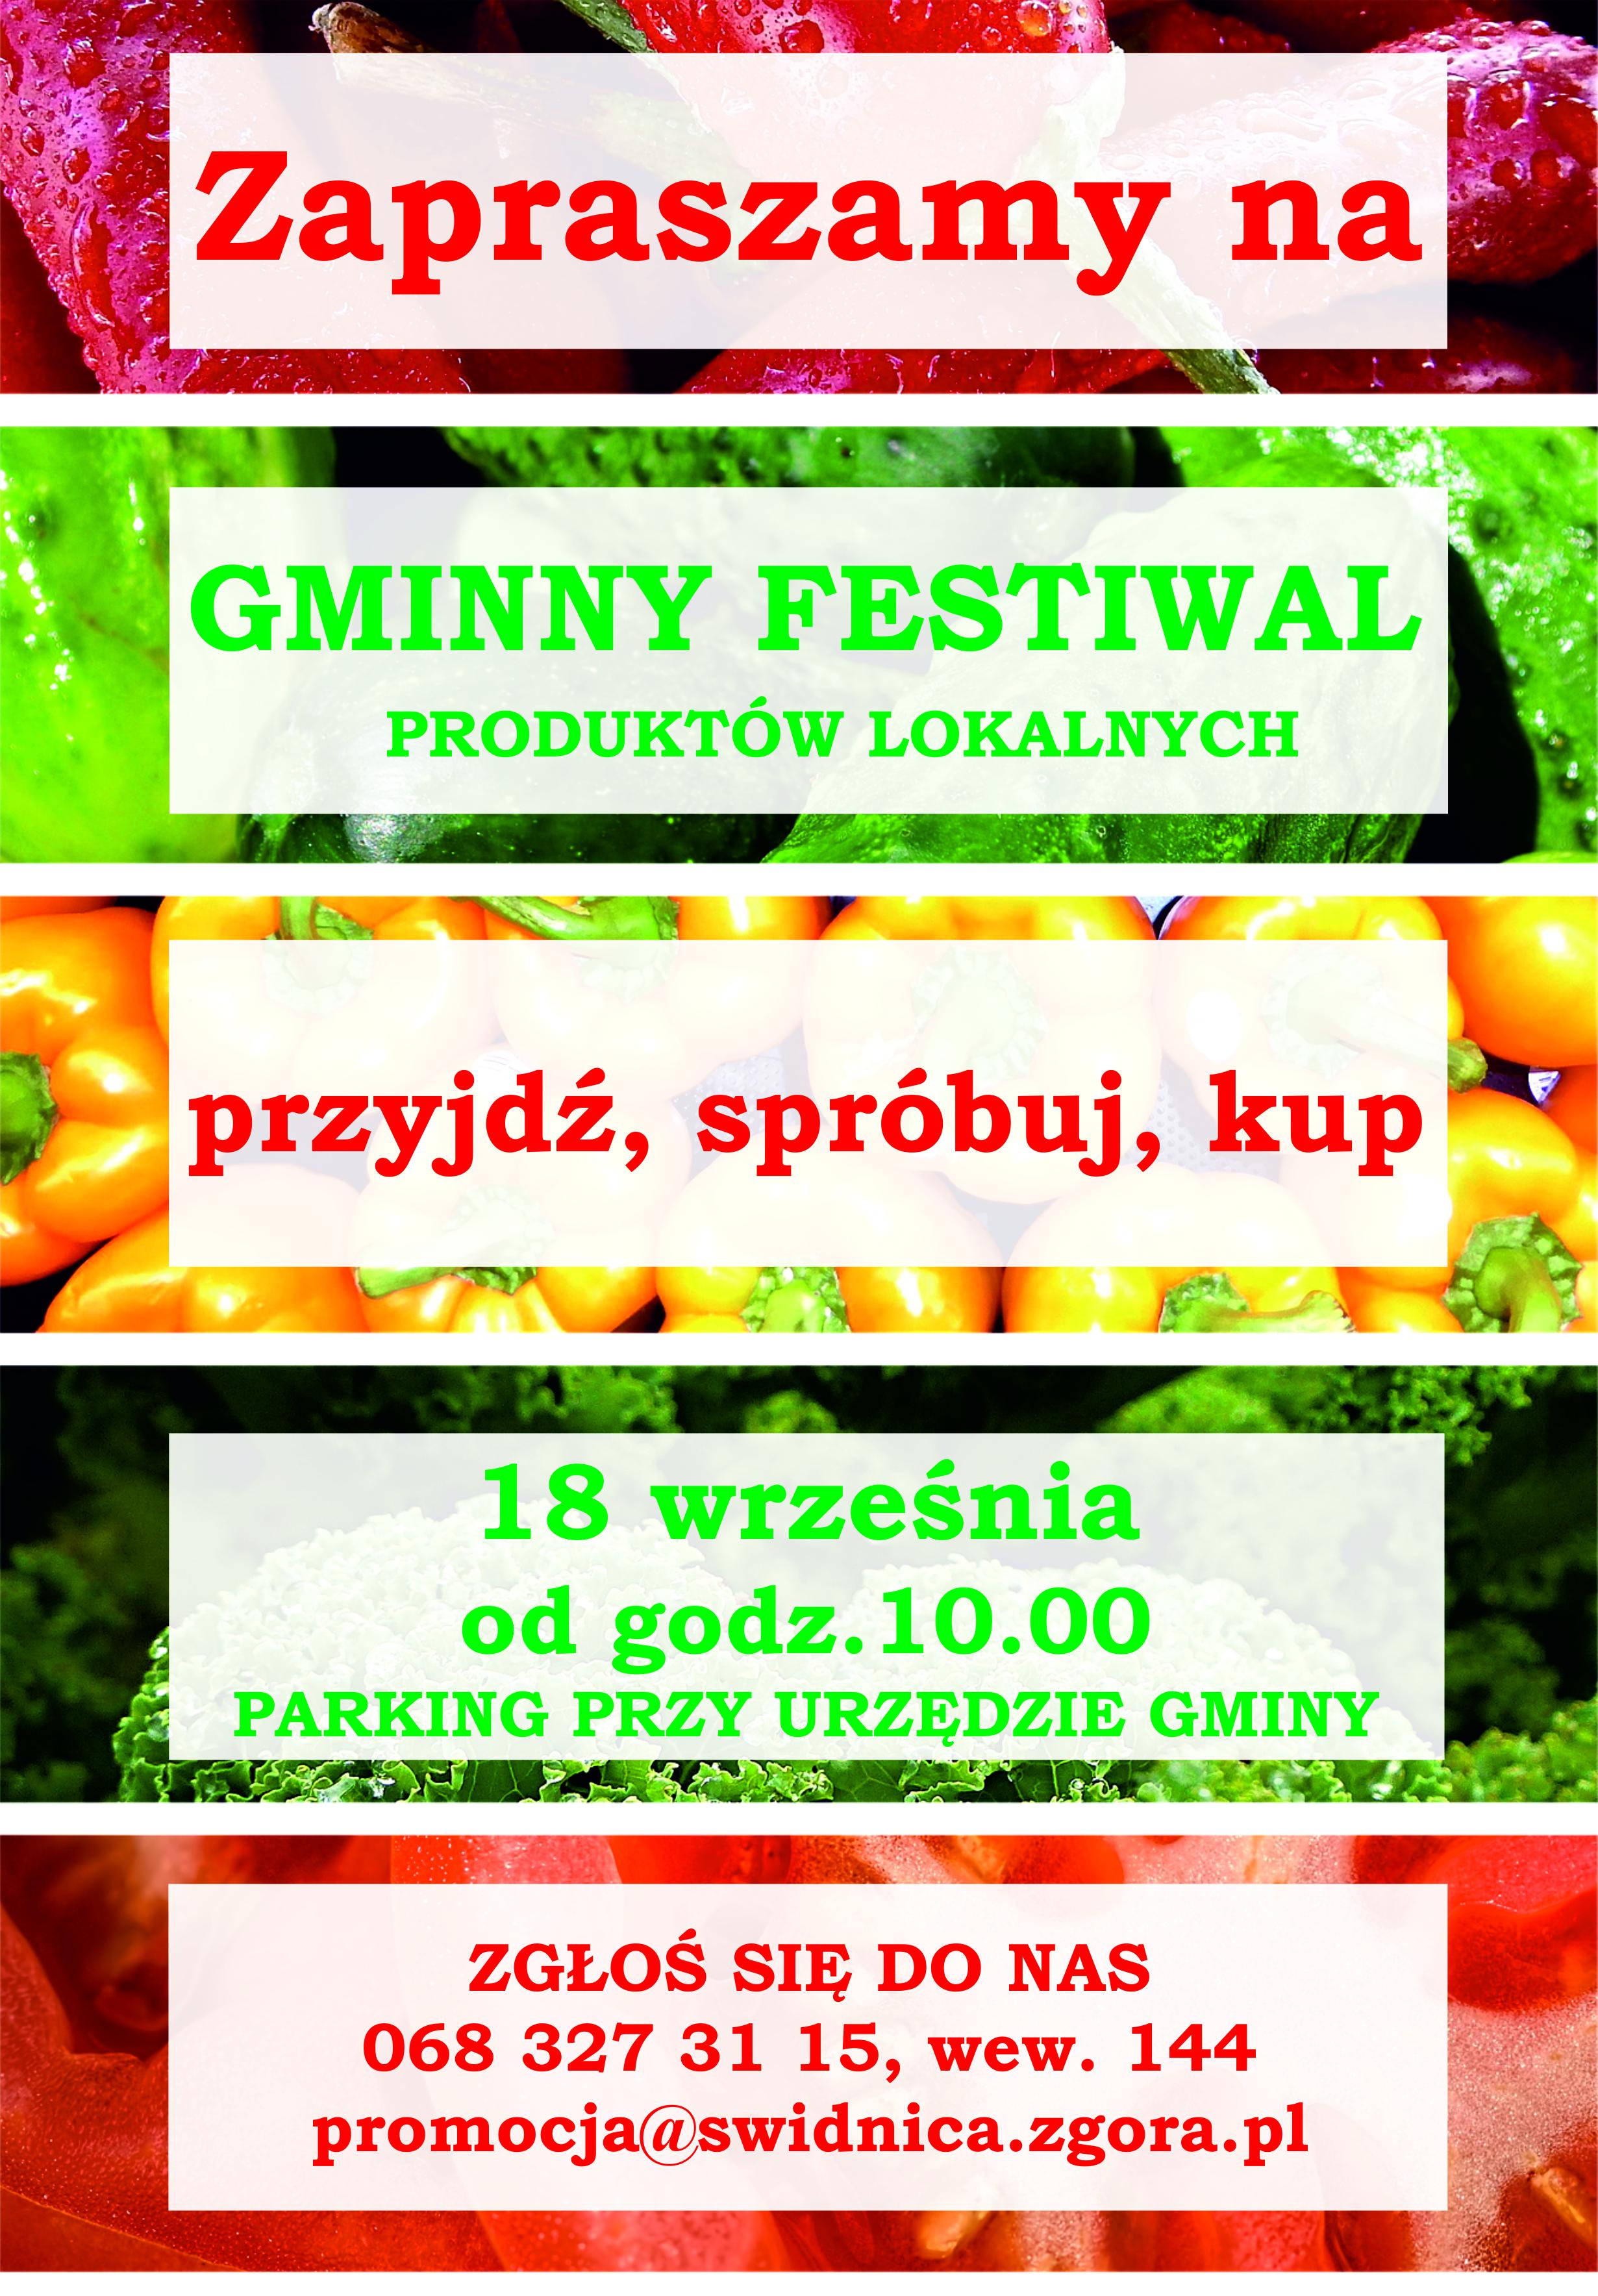 Plakat promujący Gminny festiwal produktów lokalnych